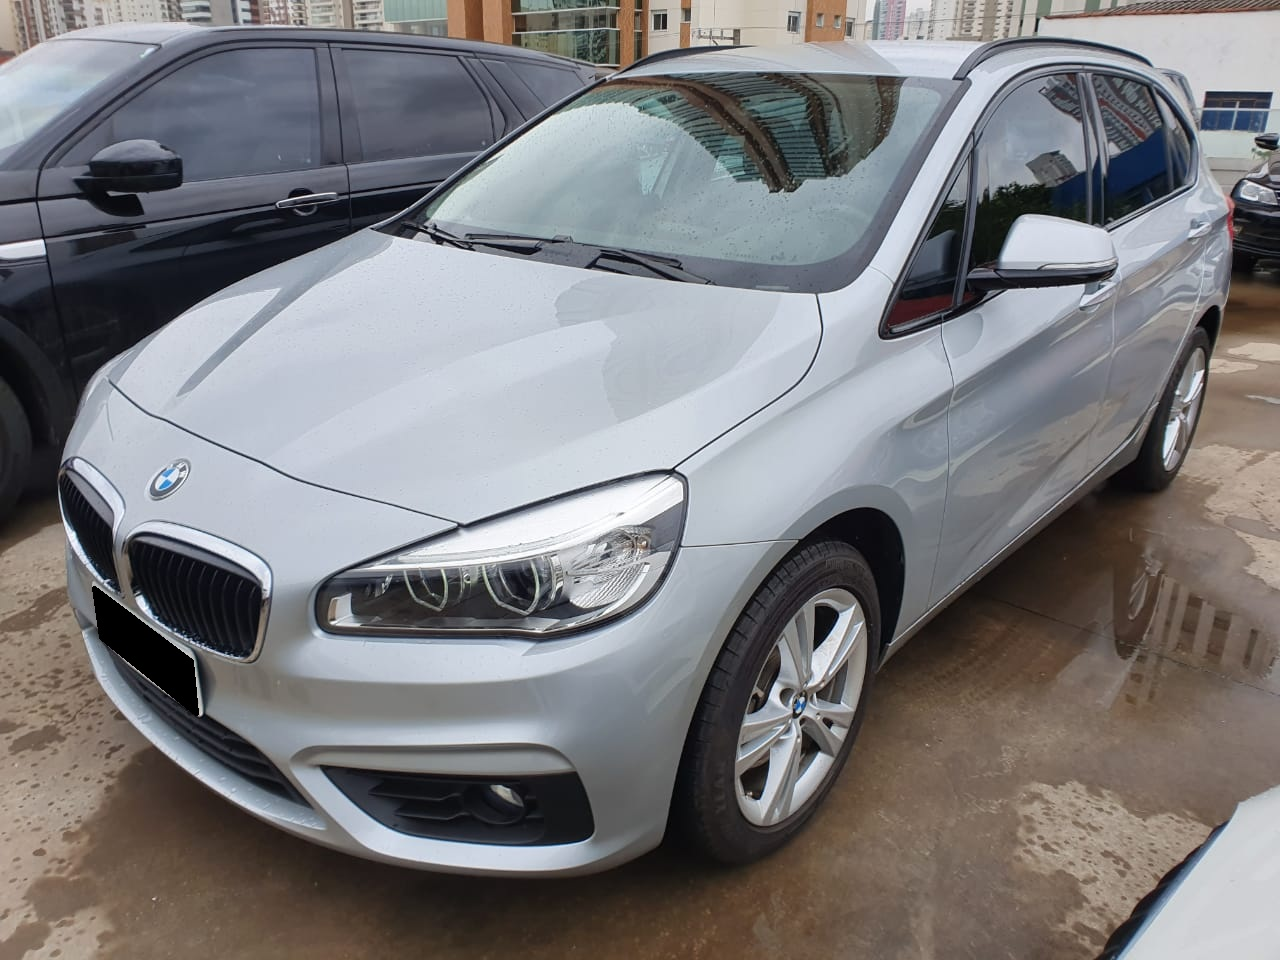 BMW SéRIE 2 220I CAT GP ACTIVEFLEX